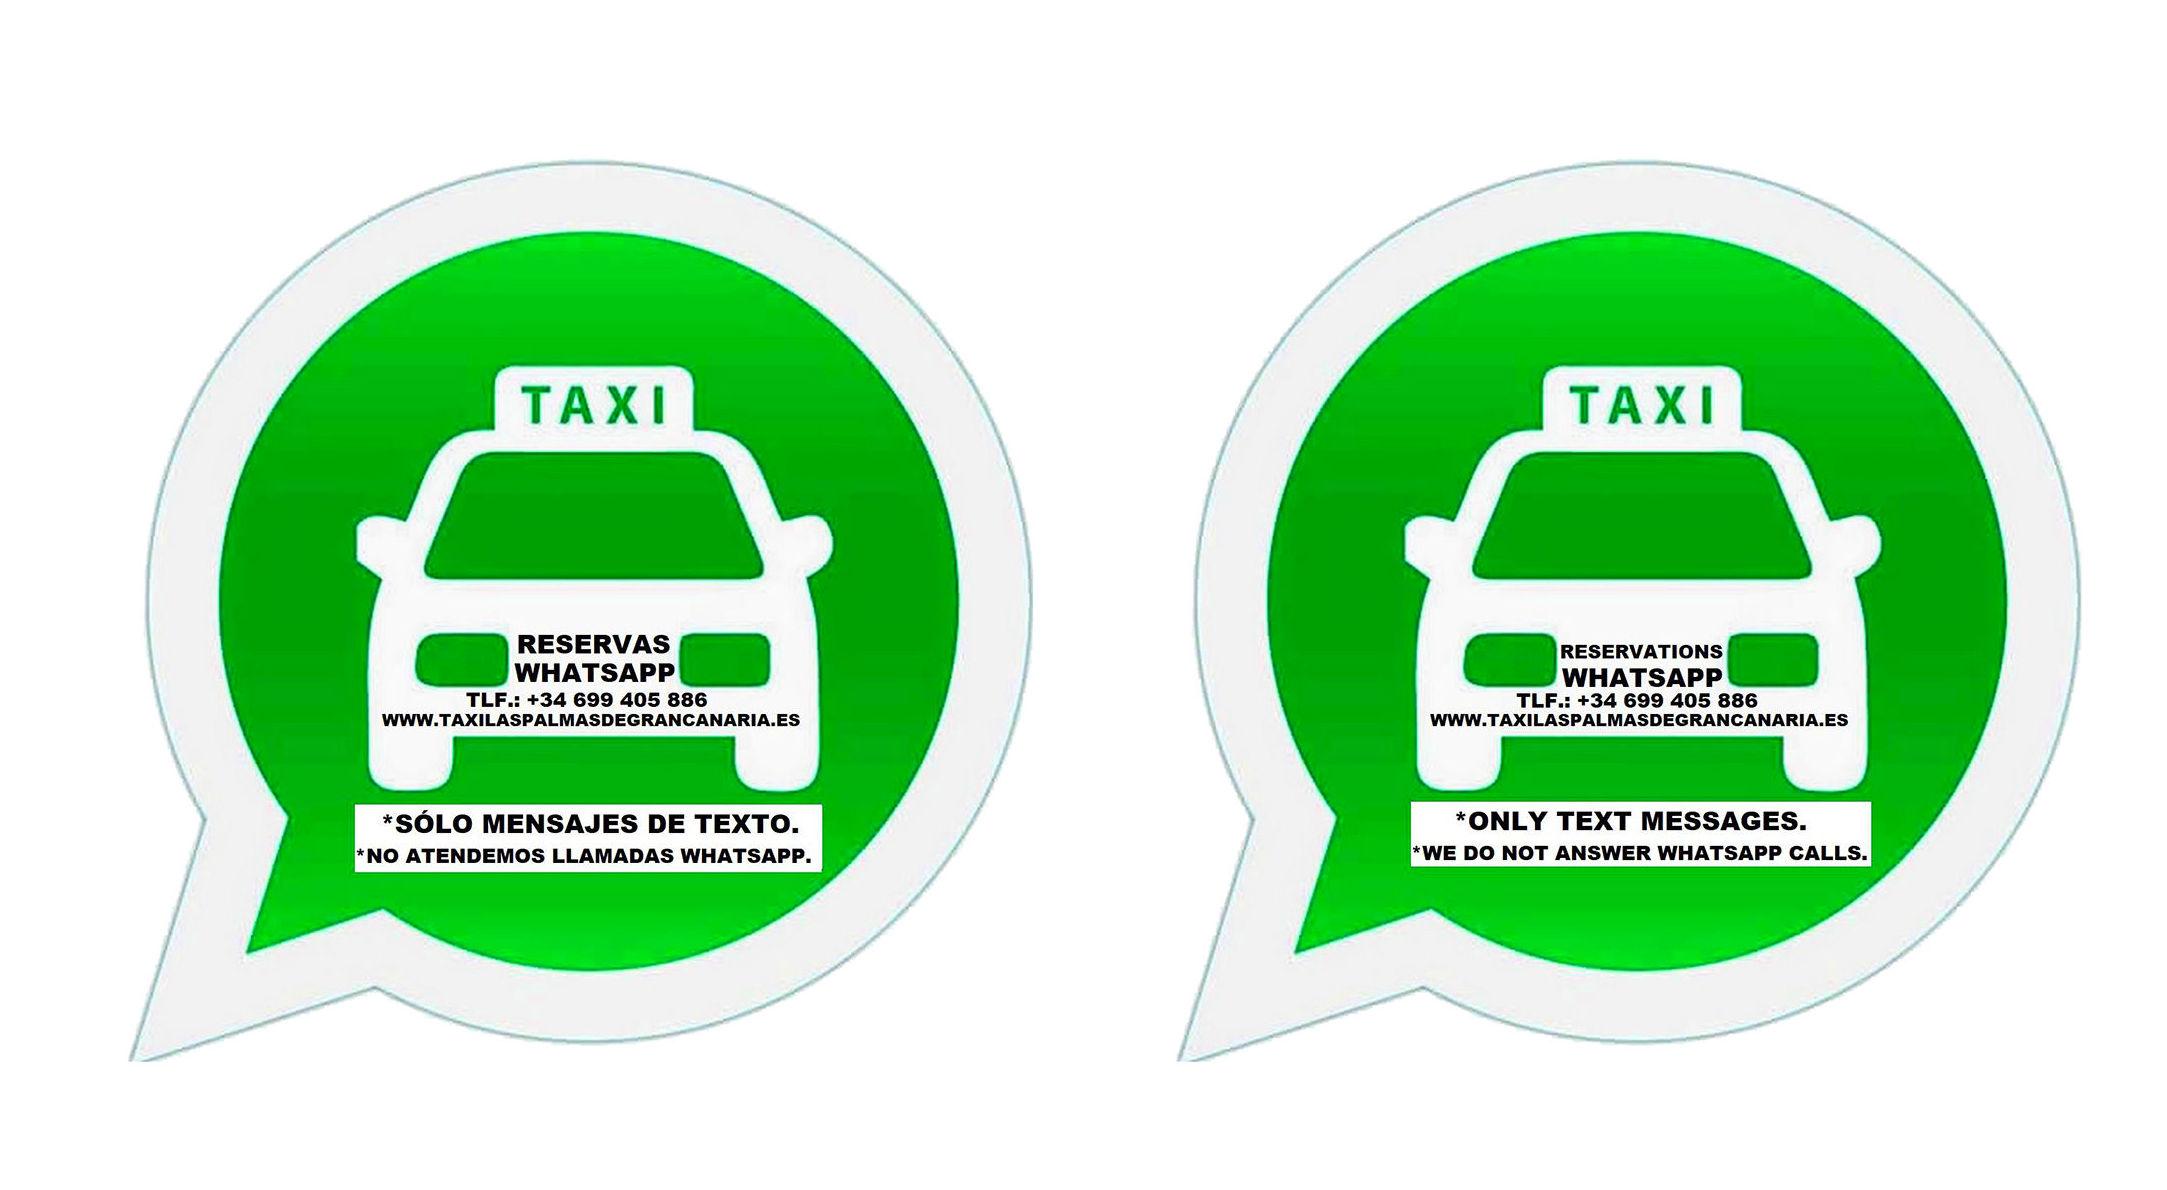 Foto 3 de Servicio de taxi seguro y rápido en Las Palmas de Gran Canaria | Reservas Taxis Las Palmas de Gran Canaria, Puertos y Aeropuerto. Bookings Transfers by Gran Canaria.